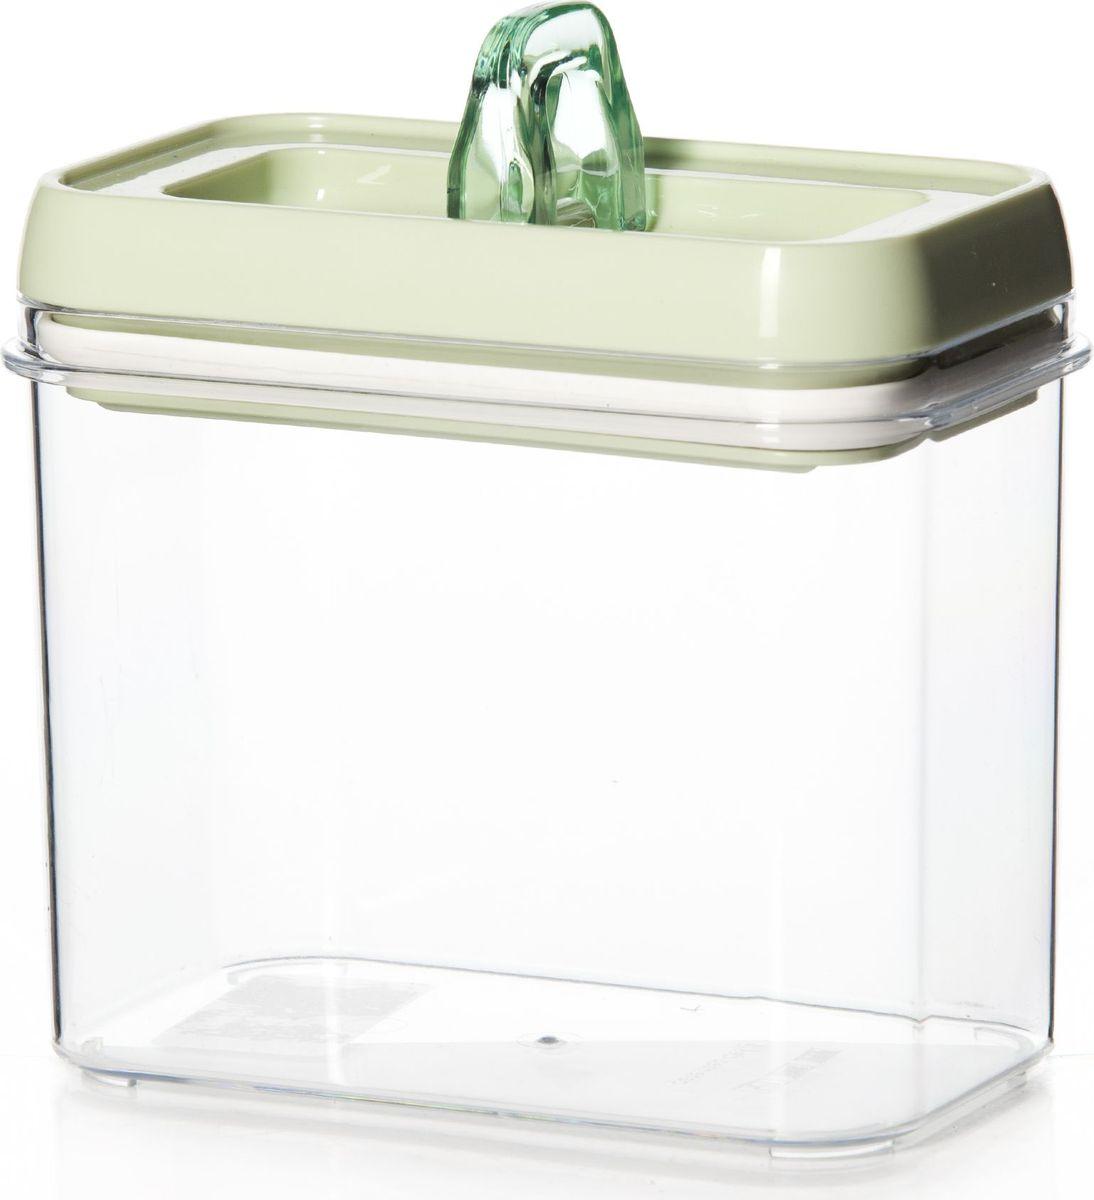 Контейнер для продуктов Herevin, 1,2 л. 161178-032ПЦ2360ЛМНКонтейнер для продуктов Herevin изготовлен из качественного пищевого пластика без содержания BPA. Крышка плотно и герметично закрывается, поэтому продукты дольше остаются свежими. Прозрачные стенки позволяют видеть содержимое. Такой контейнер подойдет для использования дома, его можно взять с собой на работу, учебу, в поездку.